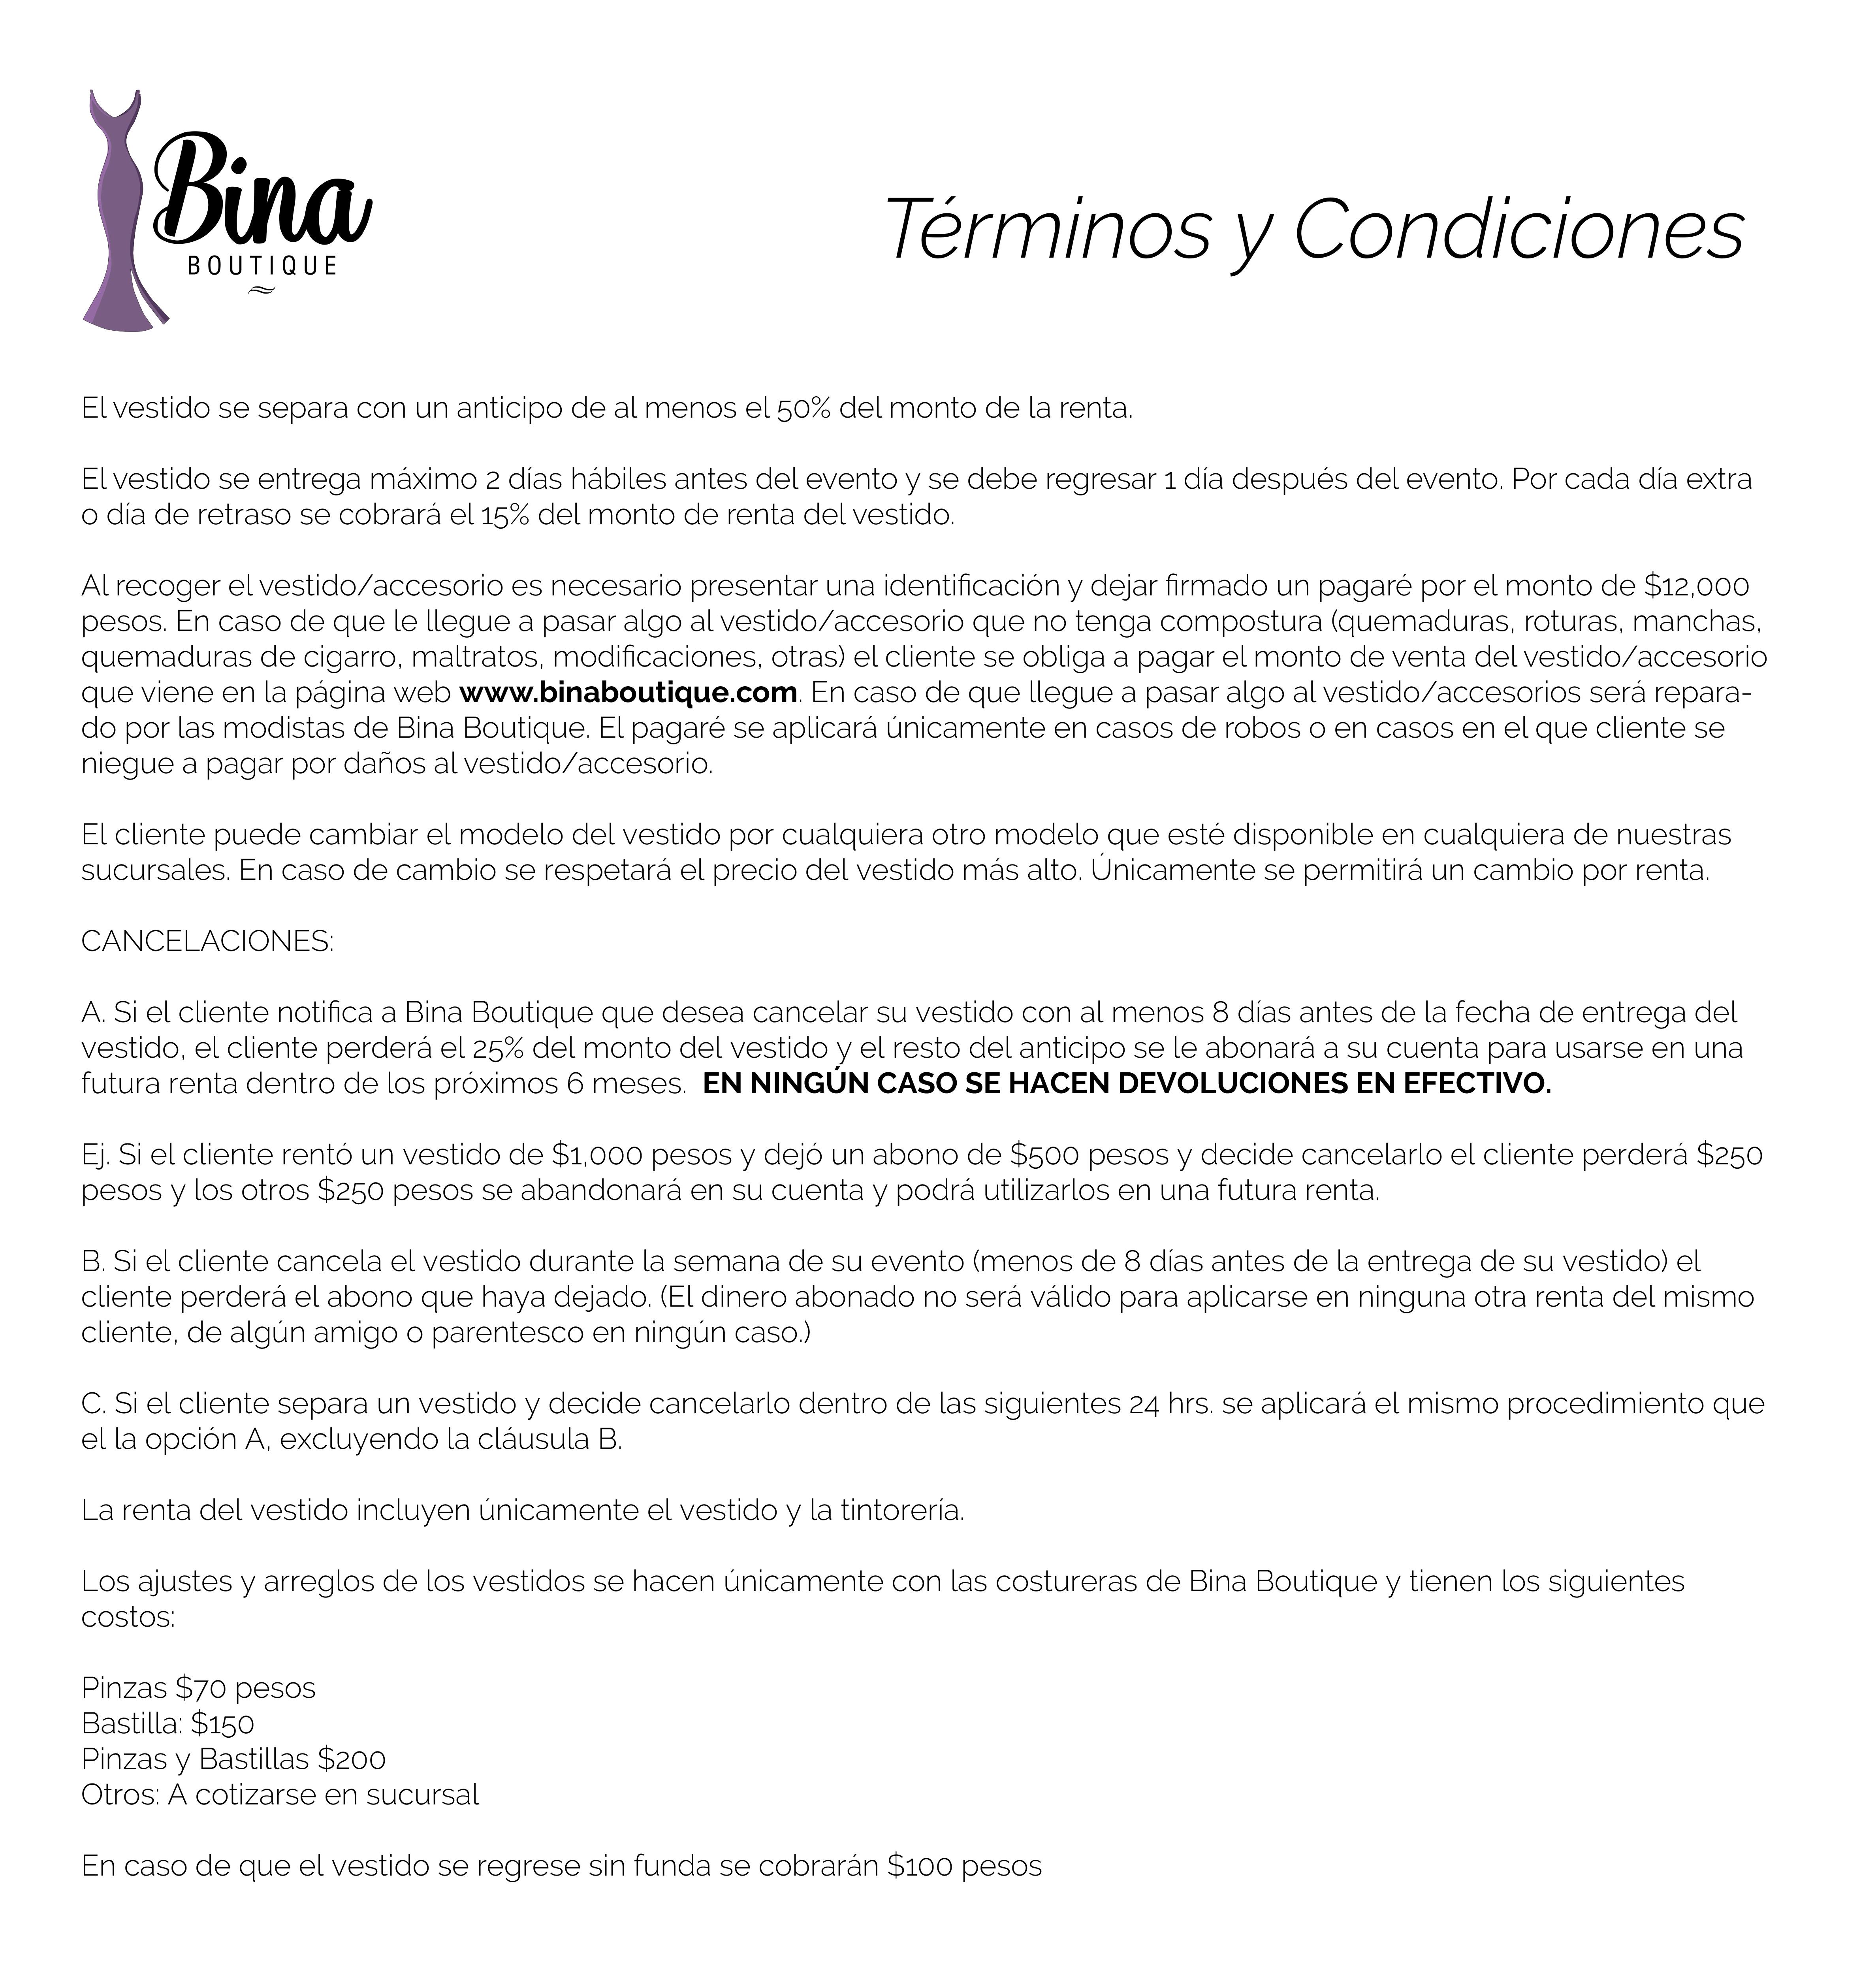 Términos y condiciones Bina Boutique